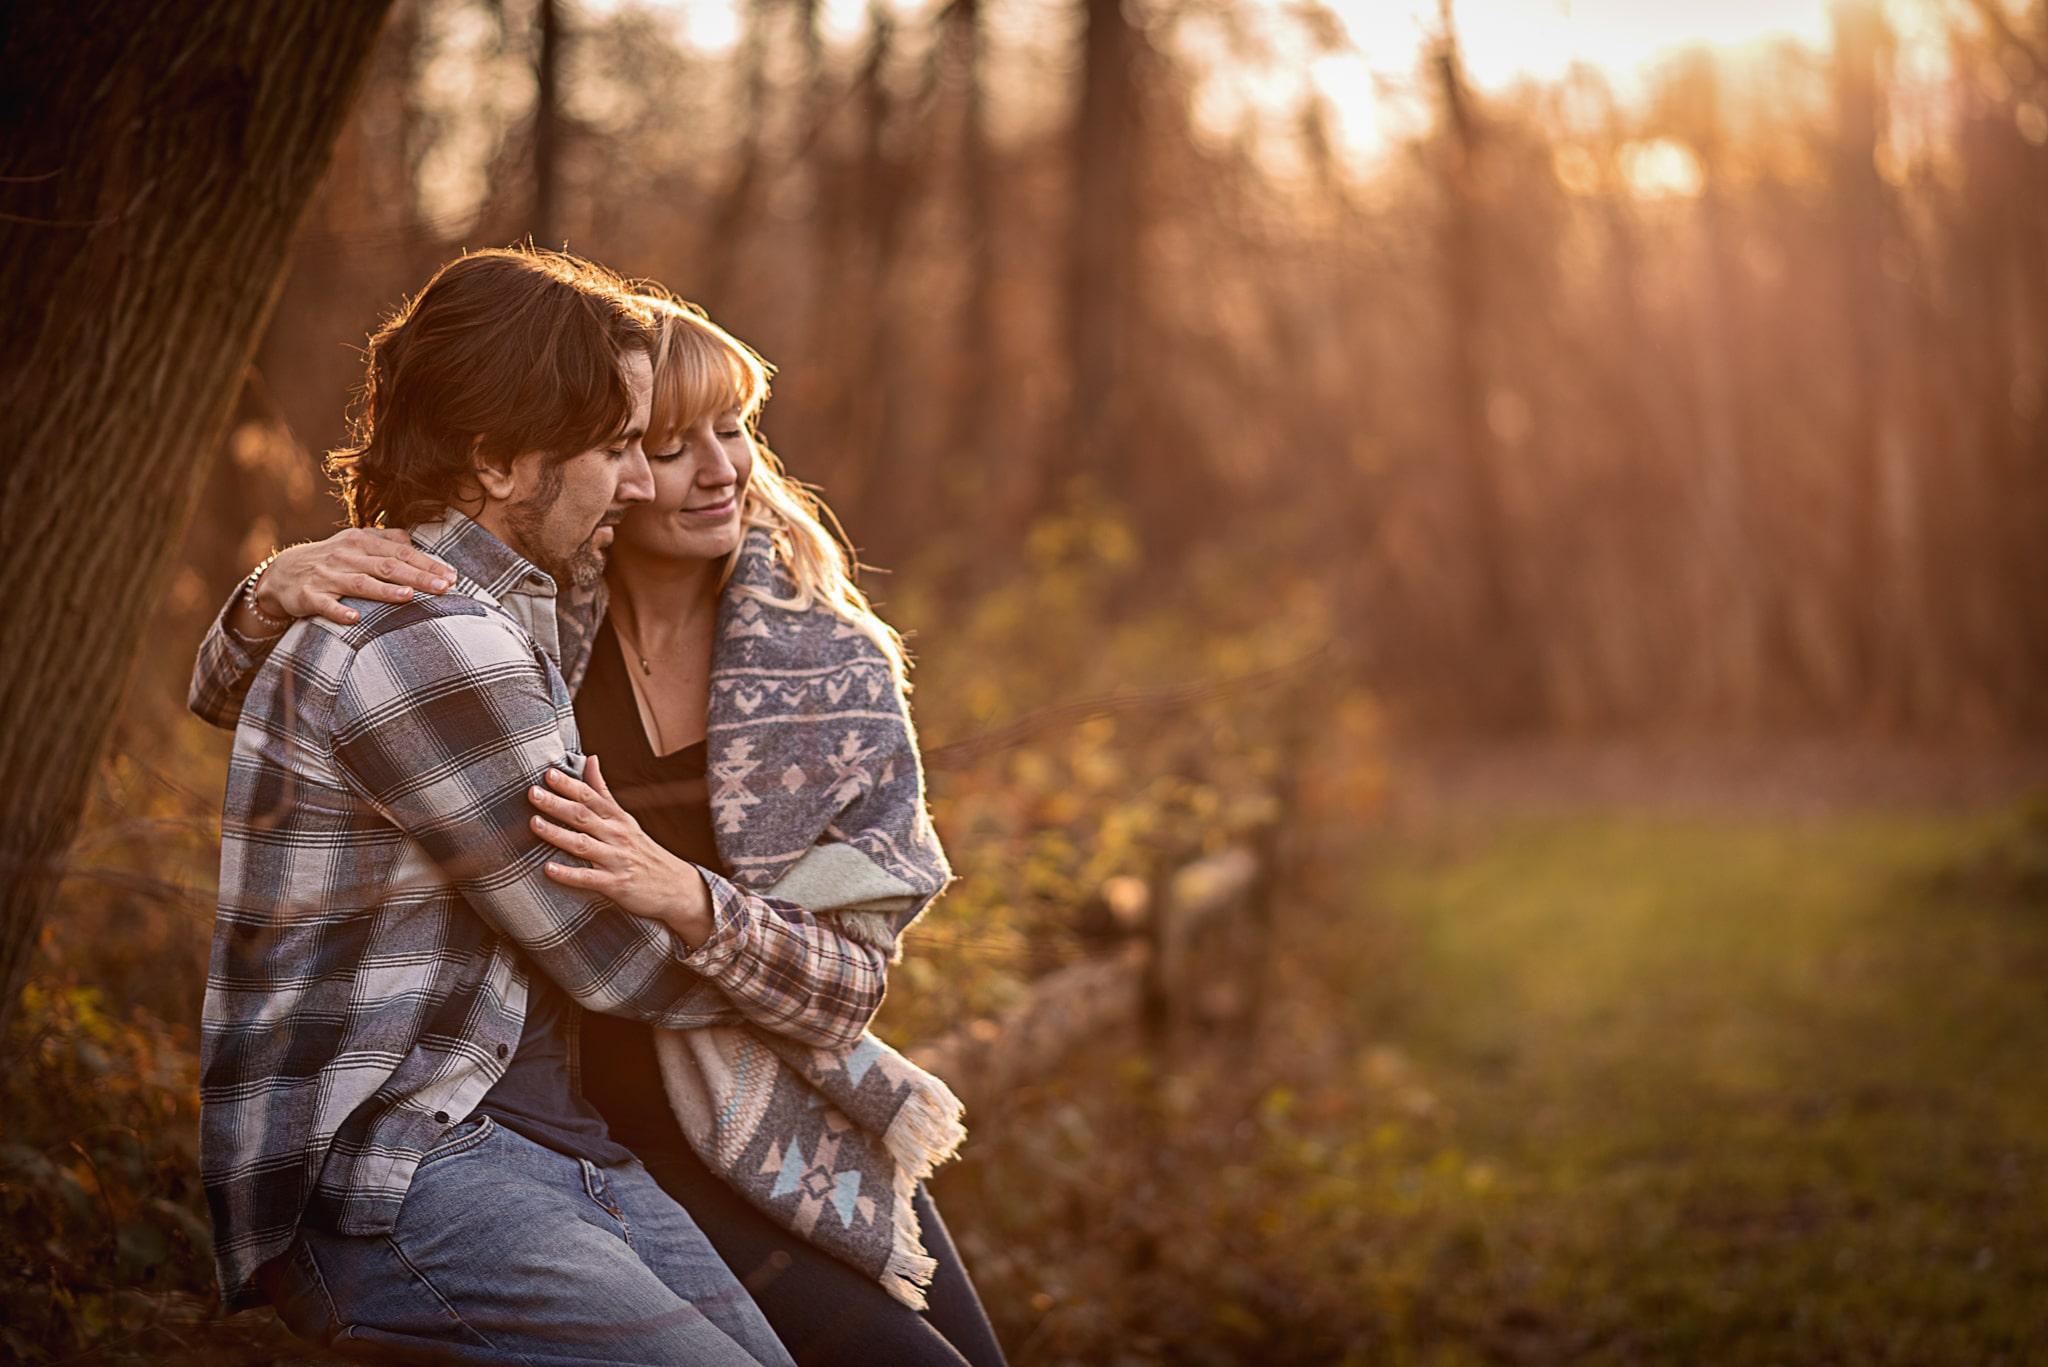 przytuleni zakochani w parku o zachodzie słońca